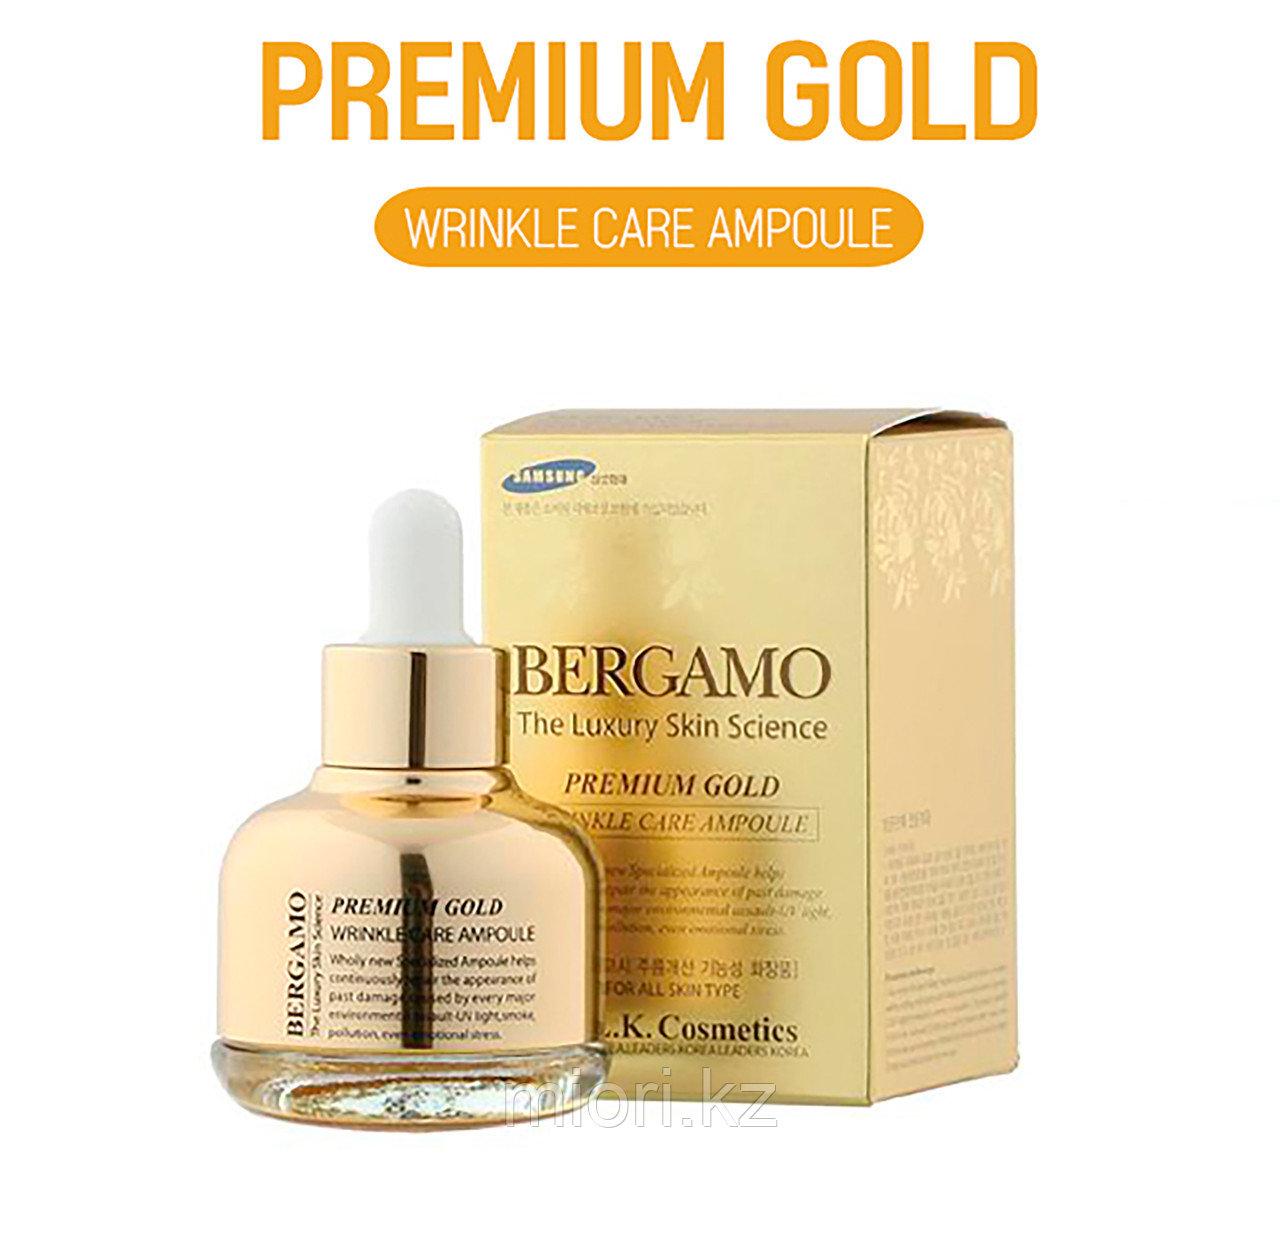 Омолаживающая сыворотка премиум-класса с золотом,BERGAMO Premium Gold Wrinkle Care Ampoule